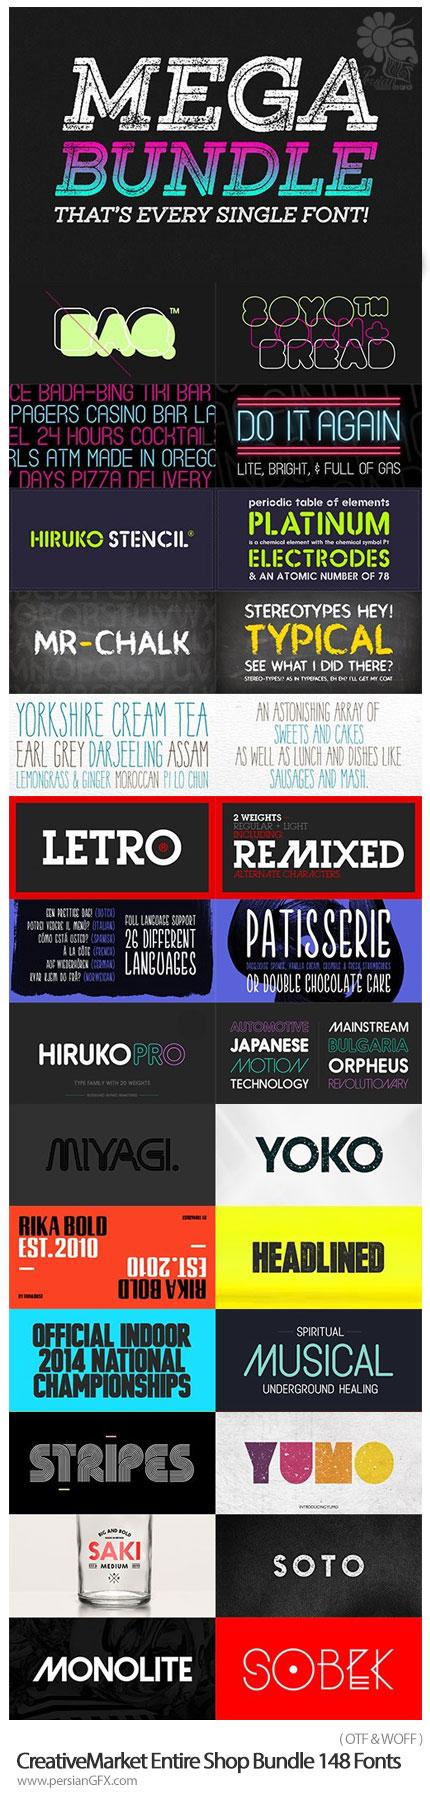 دانلود مجموعه فونت های لاتین متنوع - CreativeMarket Entire Shop Bundle 148 Fonts